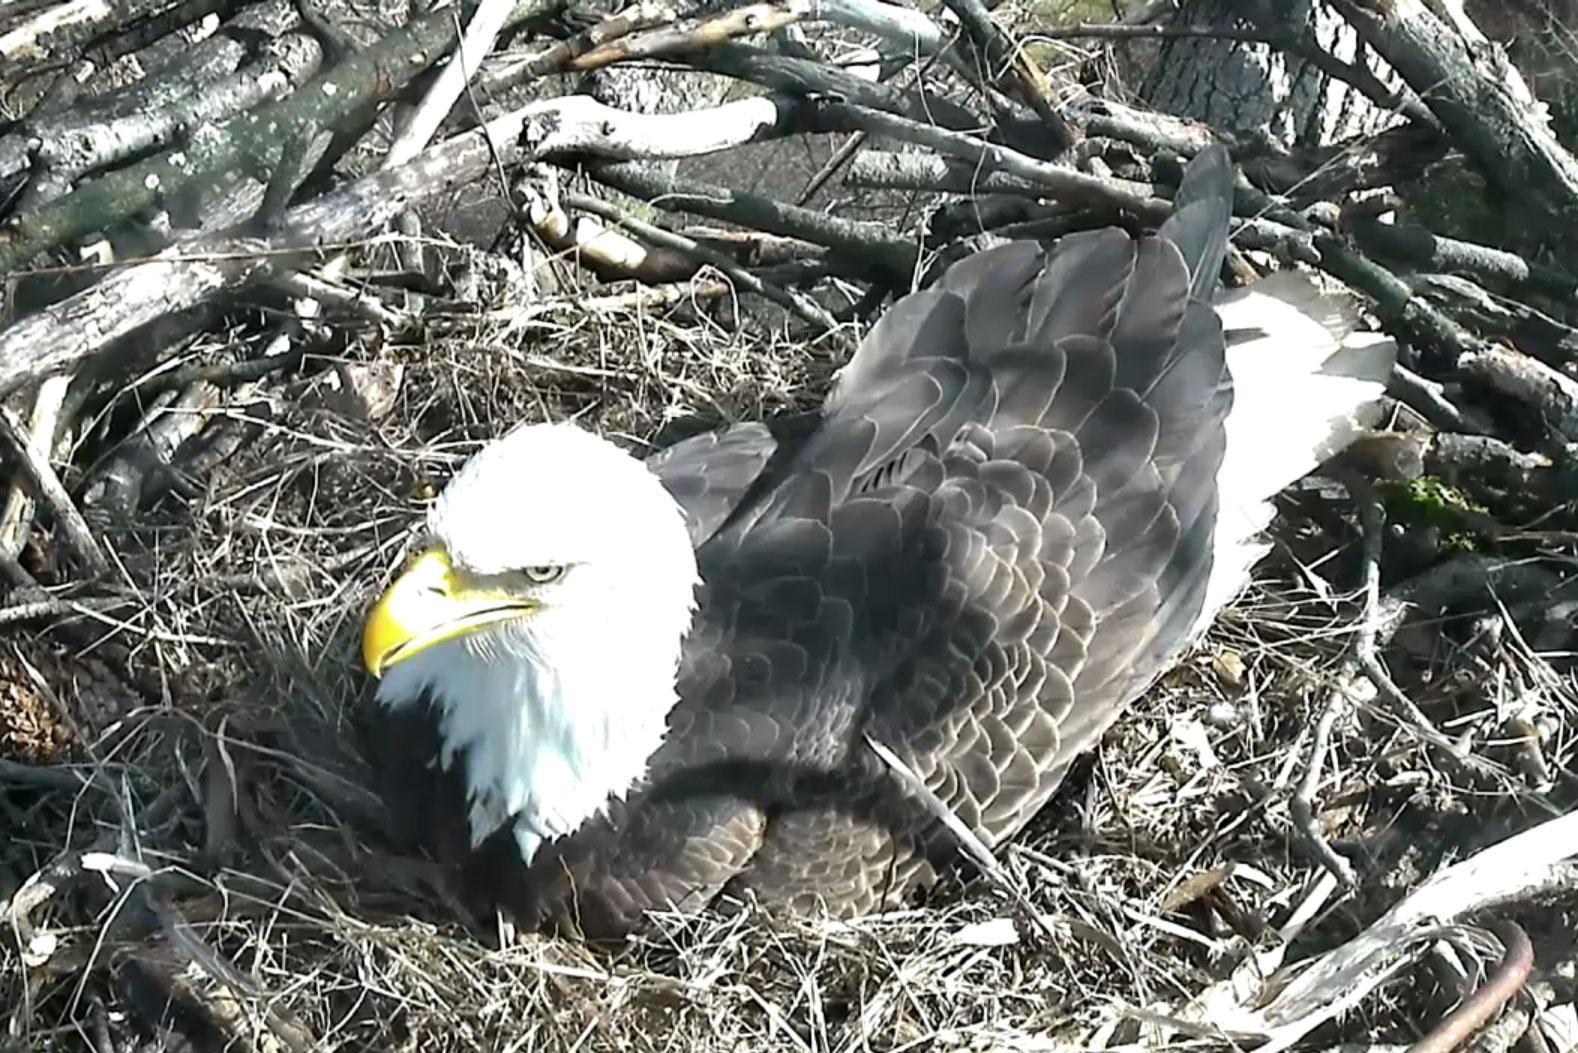 Cameras show newly nesting National Arboretum bald eagles